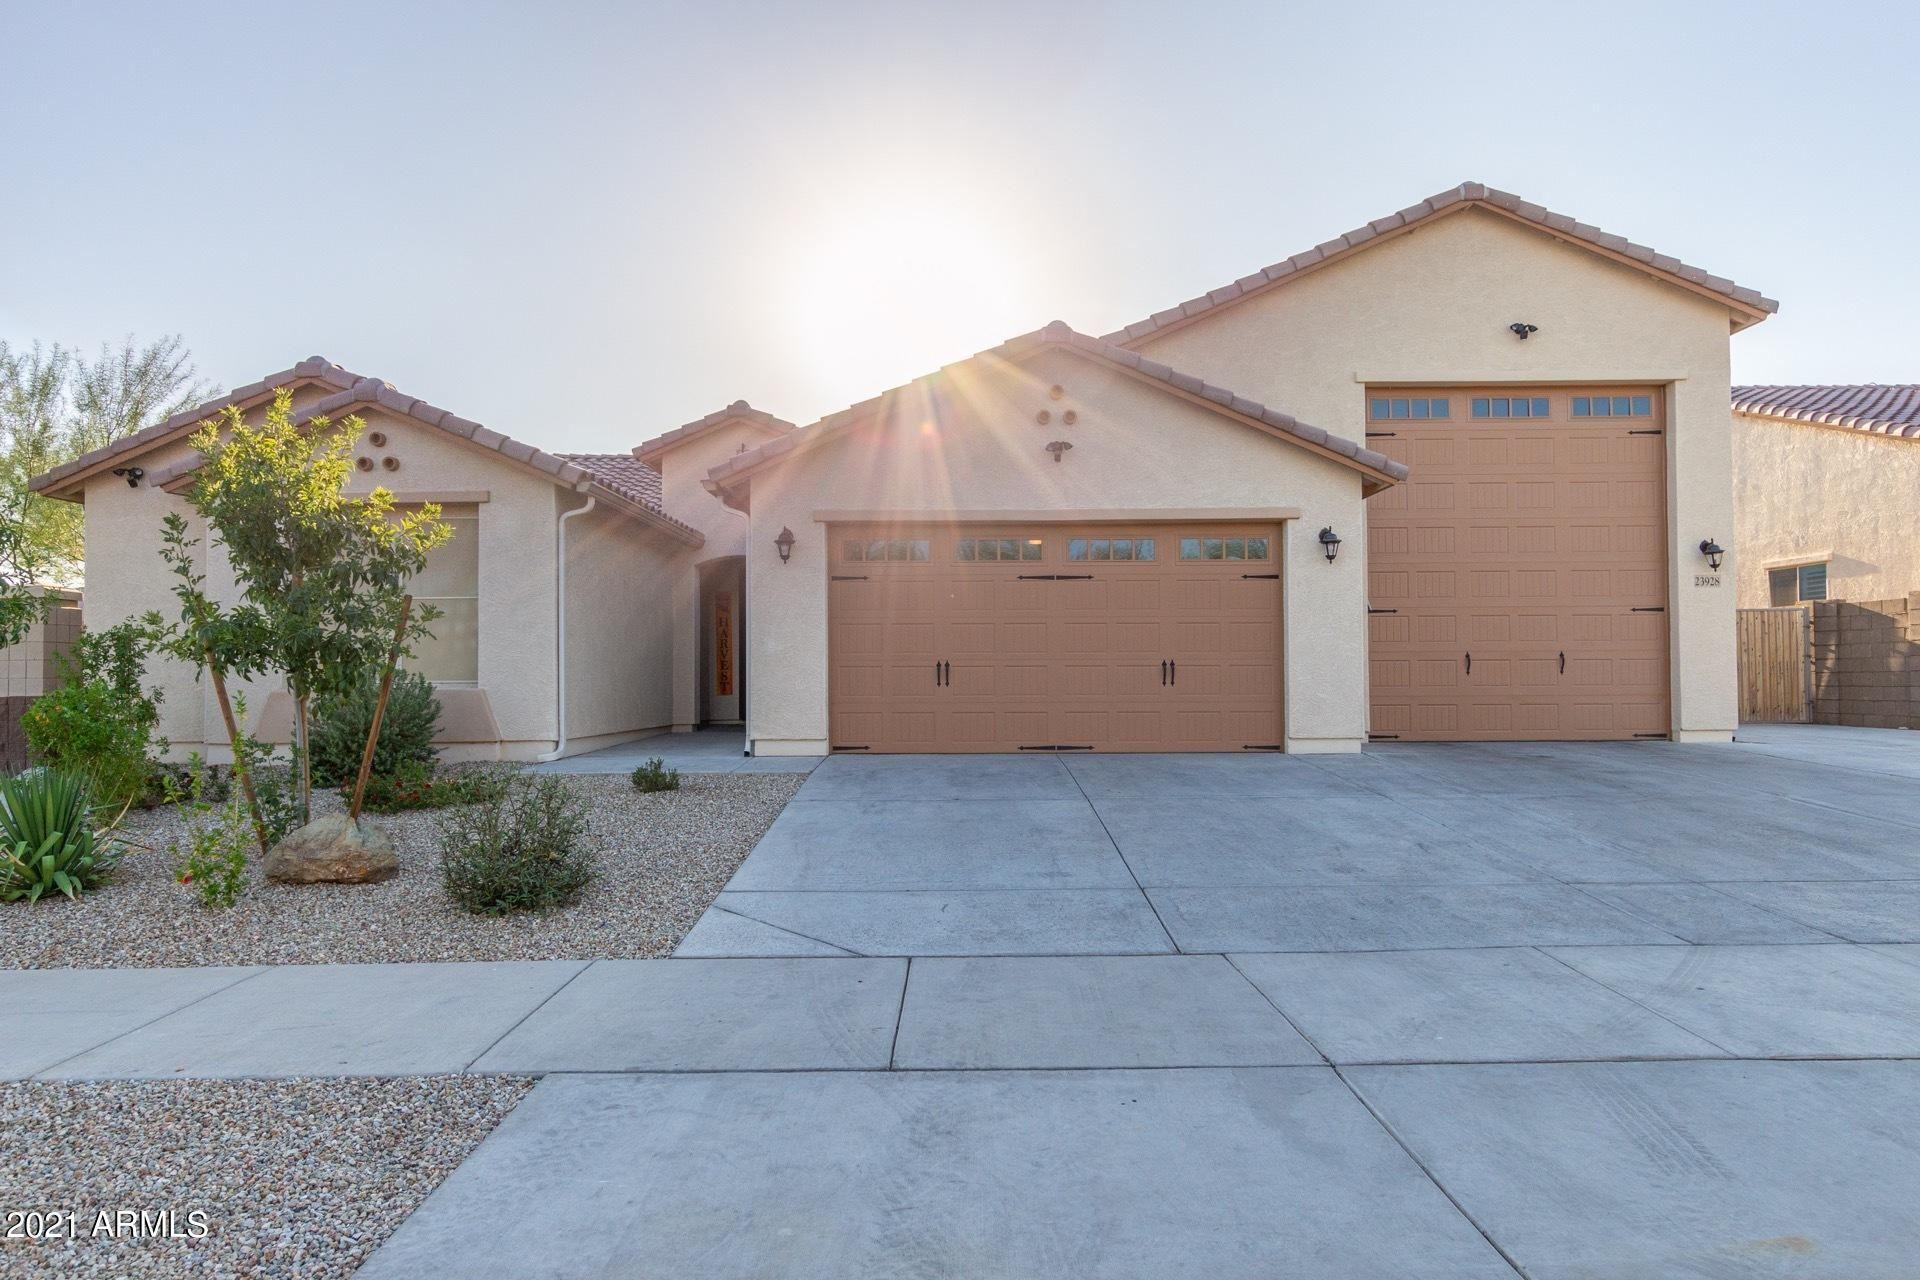 23928 N 169TH Drive, Surprise, AZ 85387 - MLS#: 6267545